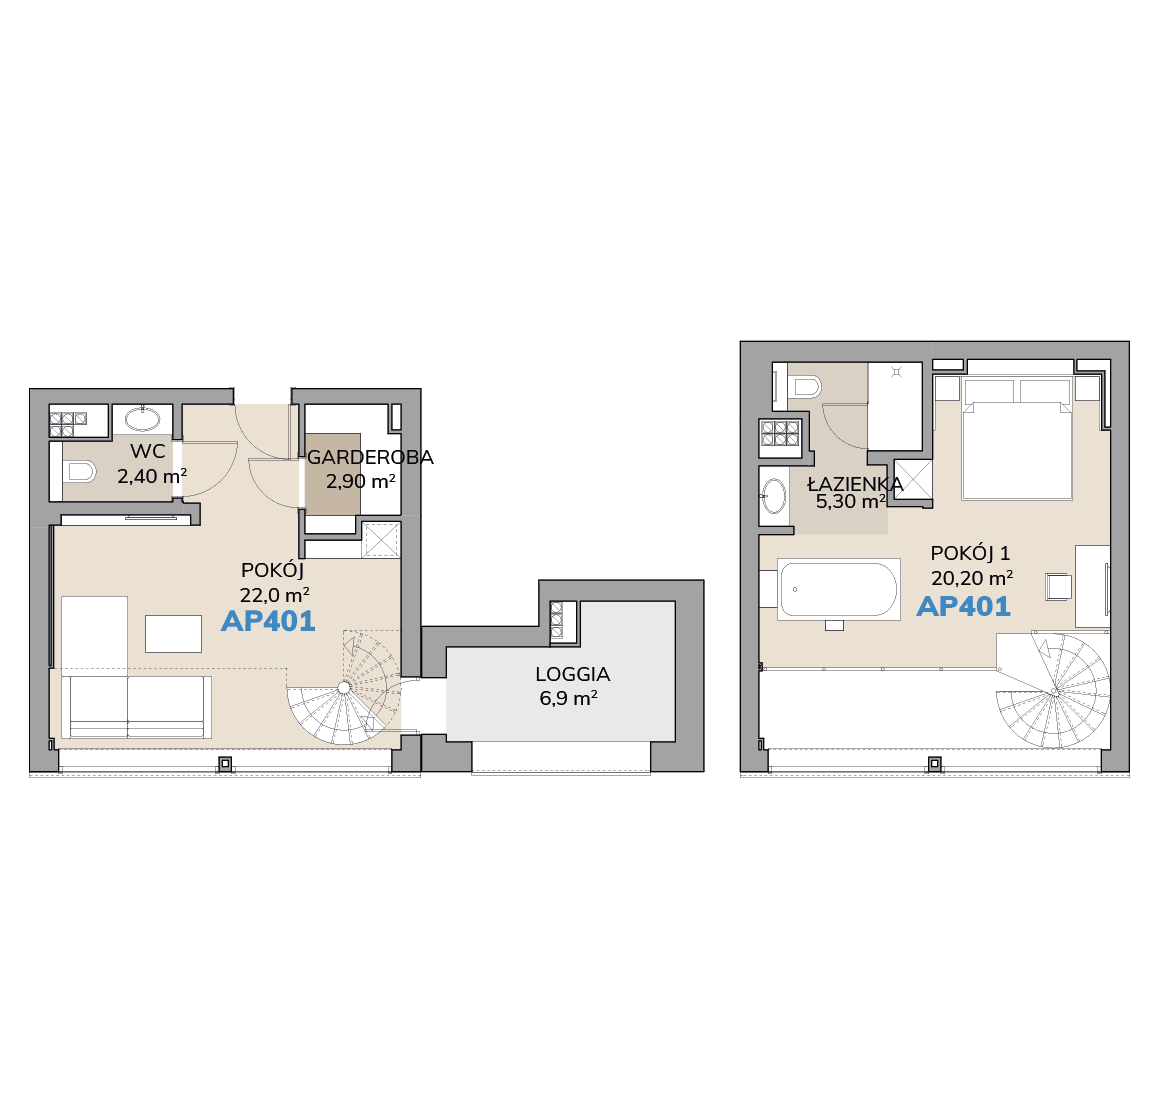 Apartament AP401